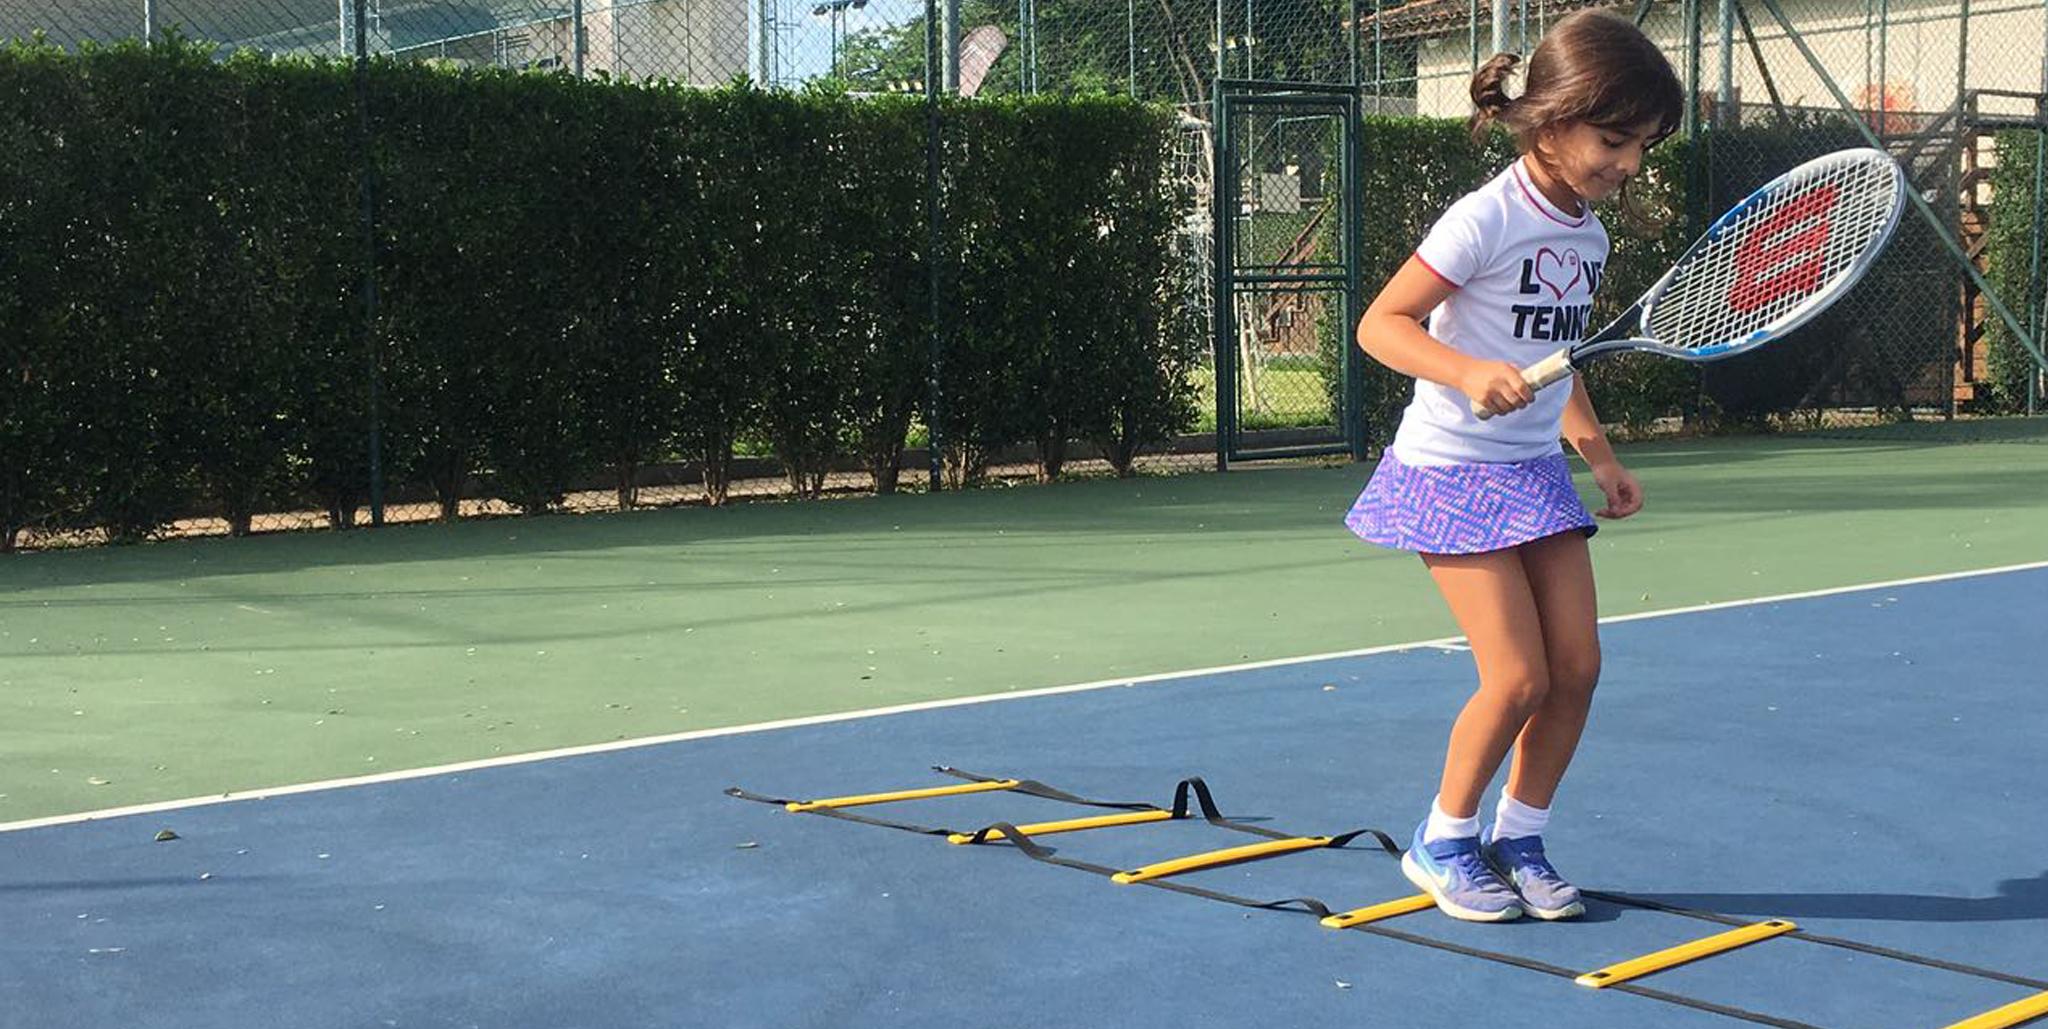 PROCOPIO TENNIS - Eventos, aulas de tennis e locações para crianças e adultos. Clientes da Rent a Pro têm 20% de desconto.